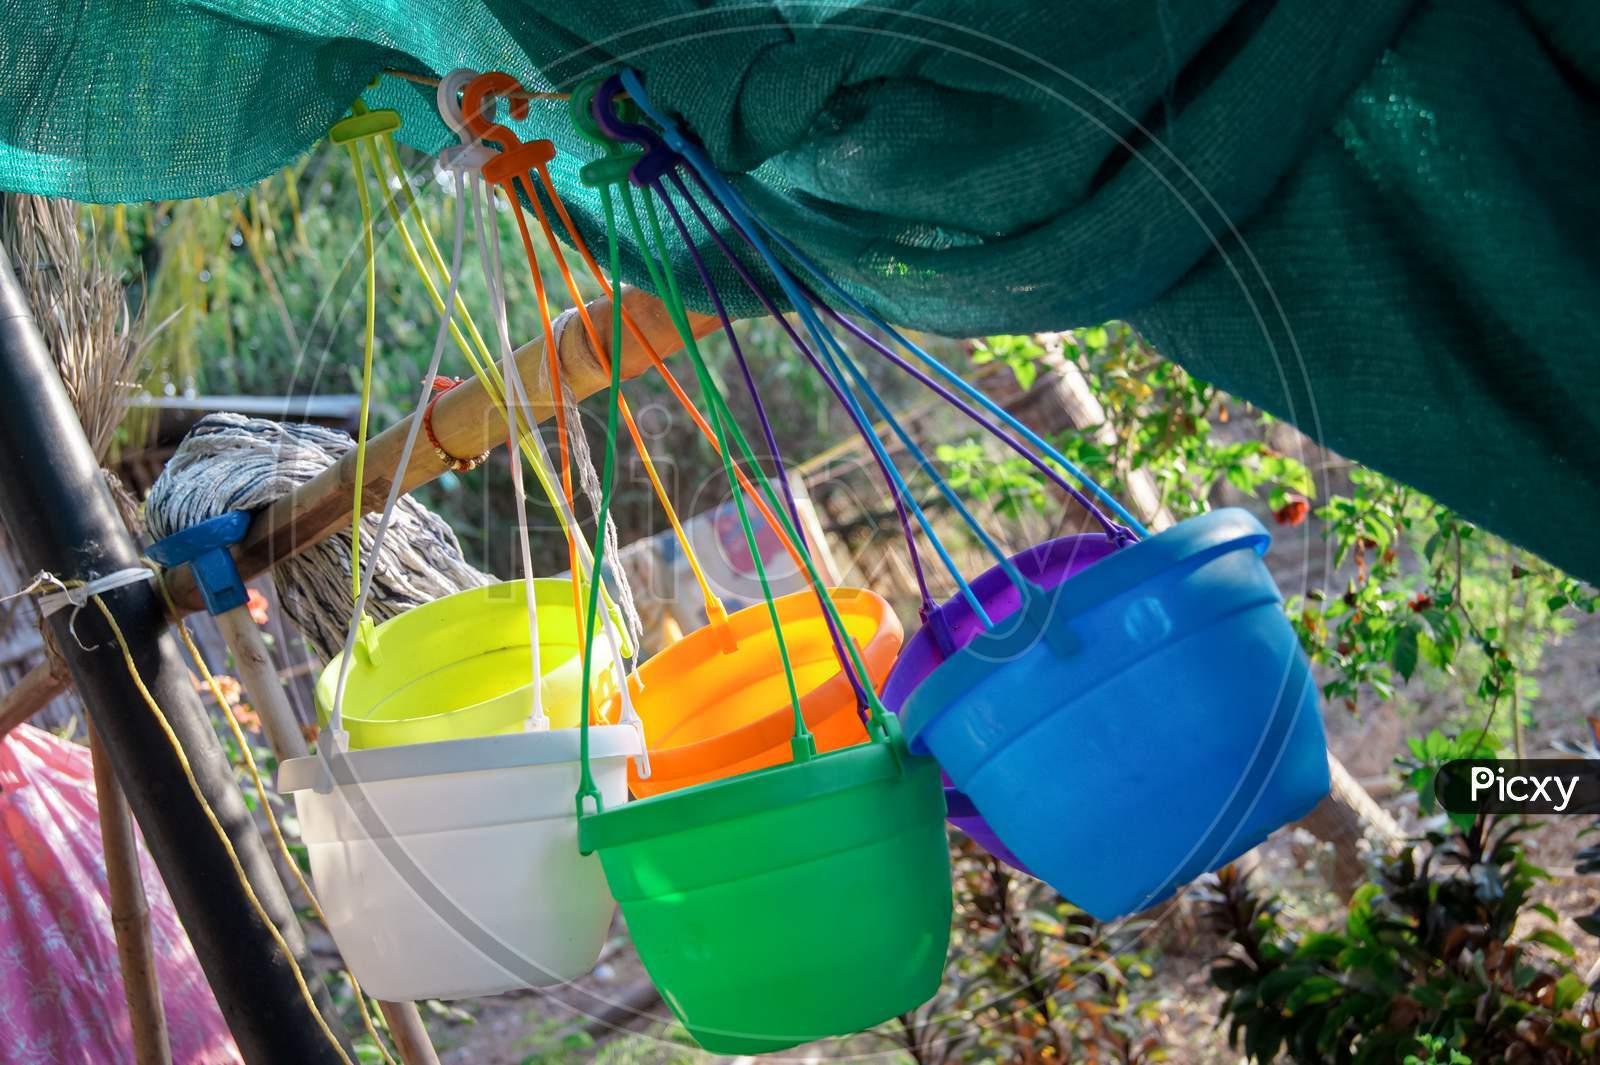 Hanging Round Plastic Pots (Mix Color)